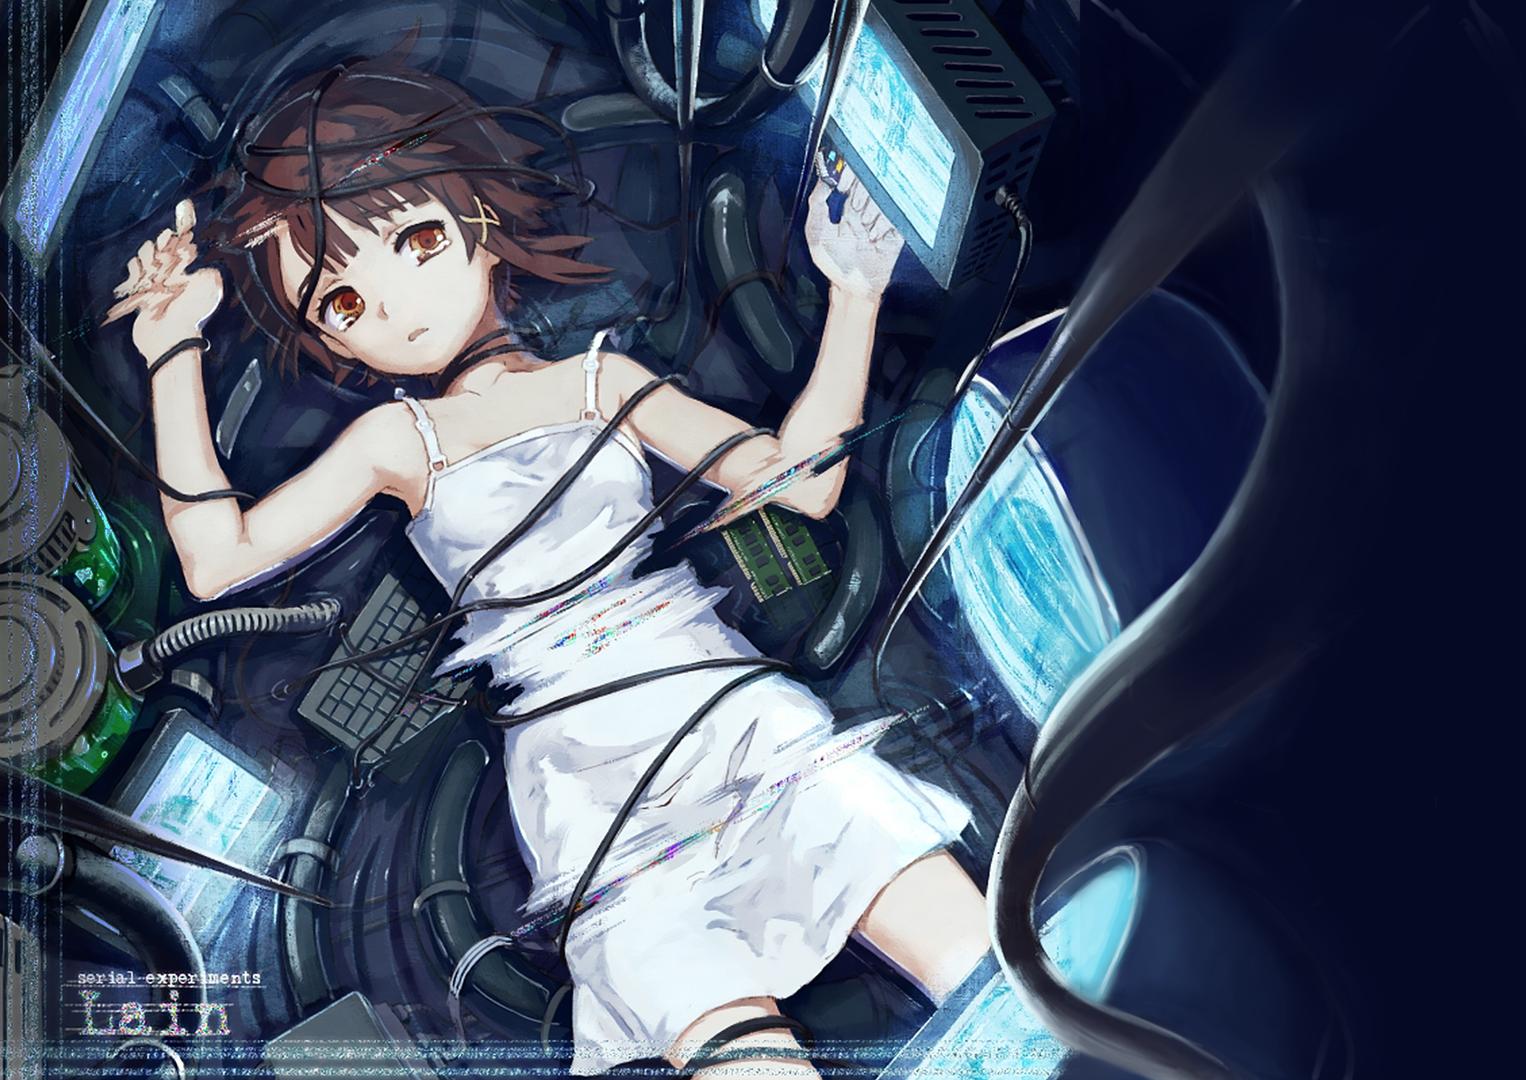 «Эксперименты Лэйн»: самое психоделичное киберпанк-аниме